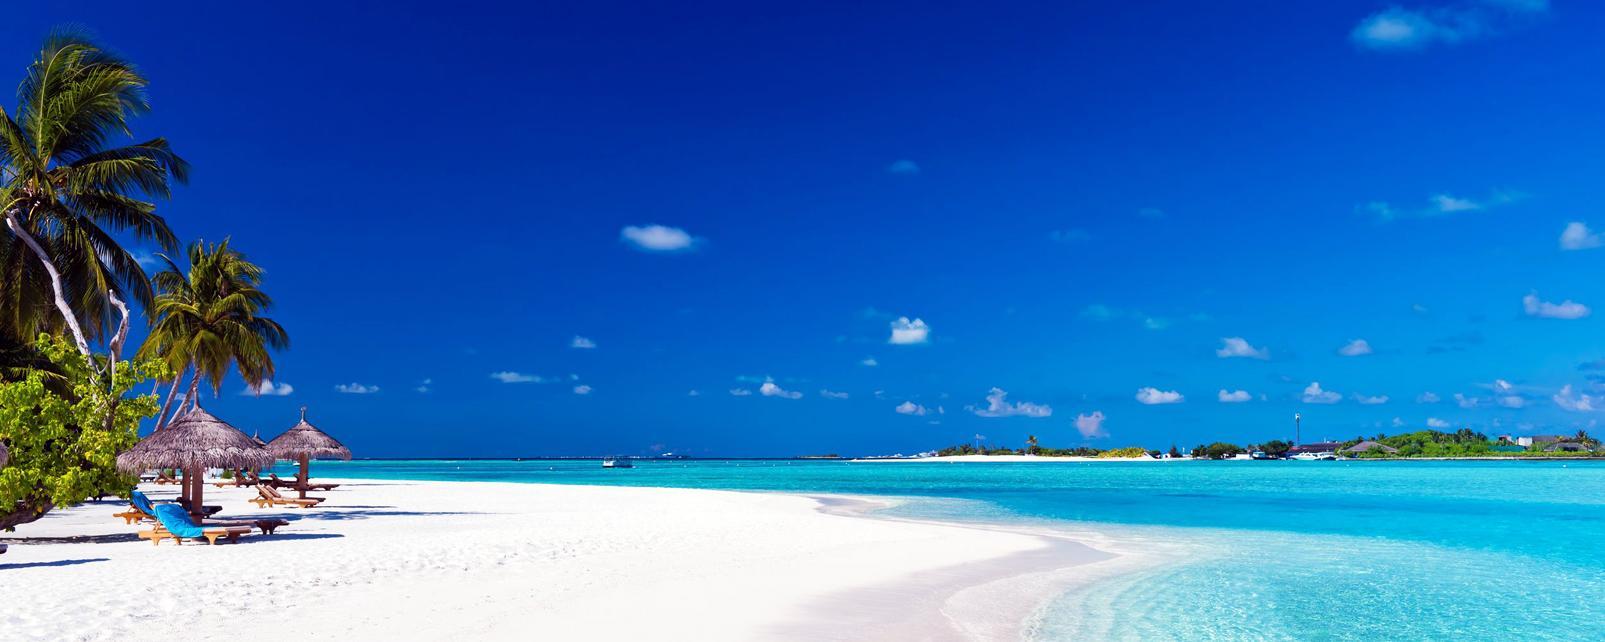 North Malé Atoll, Maldivas